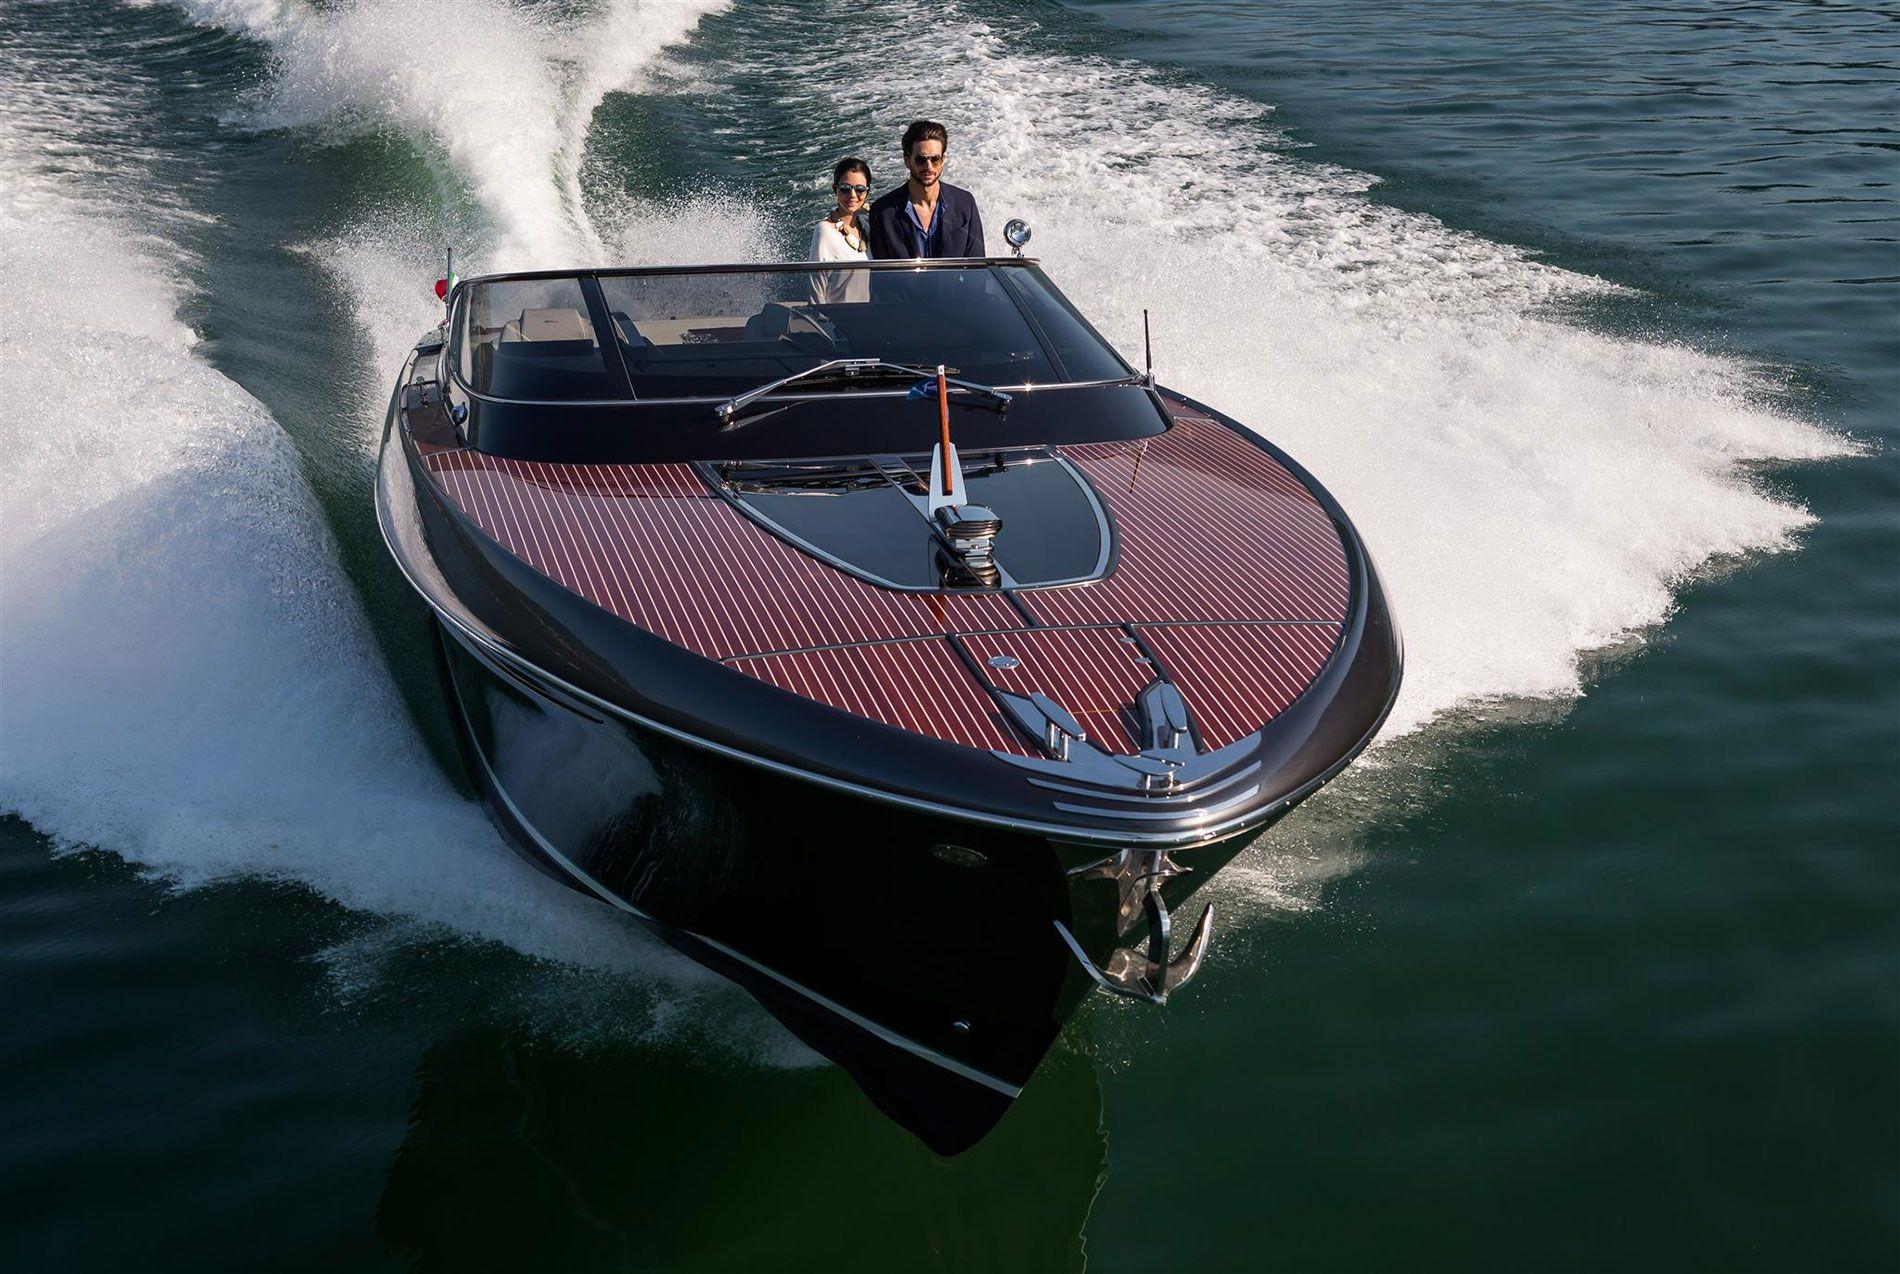 Riva Rivamare   Exterior   Boats luxury, Speed boats, Boat